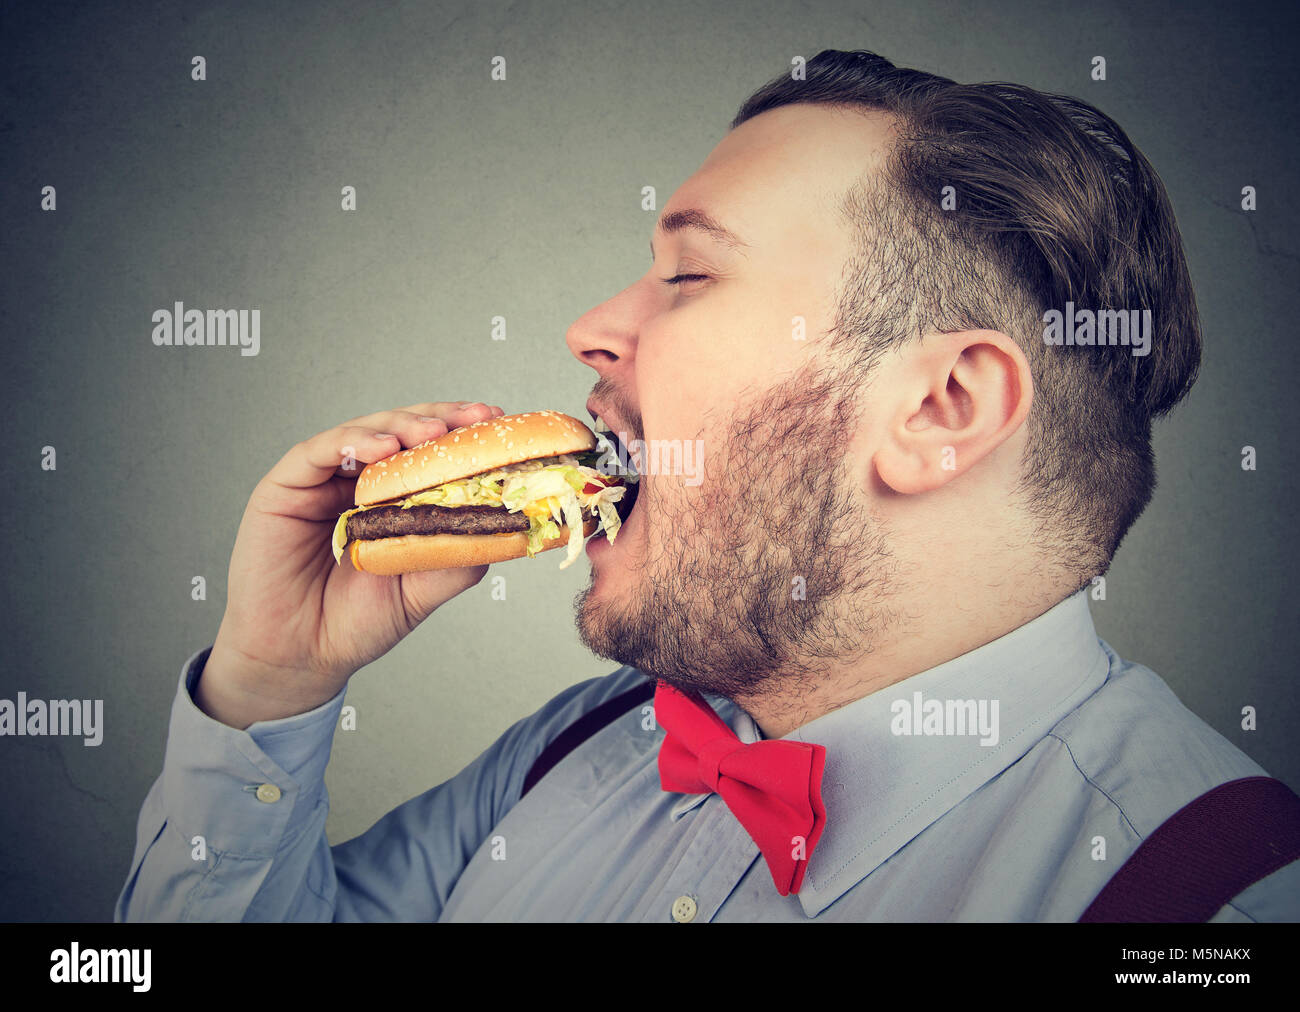 Profilo laterale di un uomo grasso di mangiare un hamburger succosa Immagini Stock